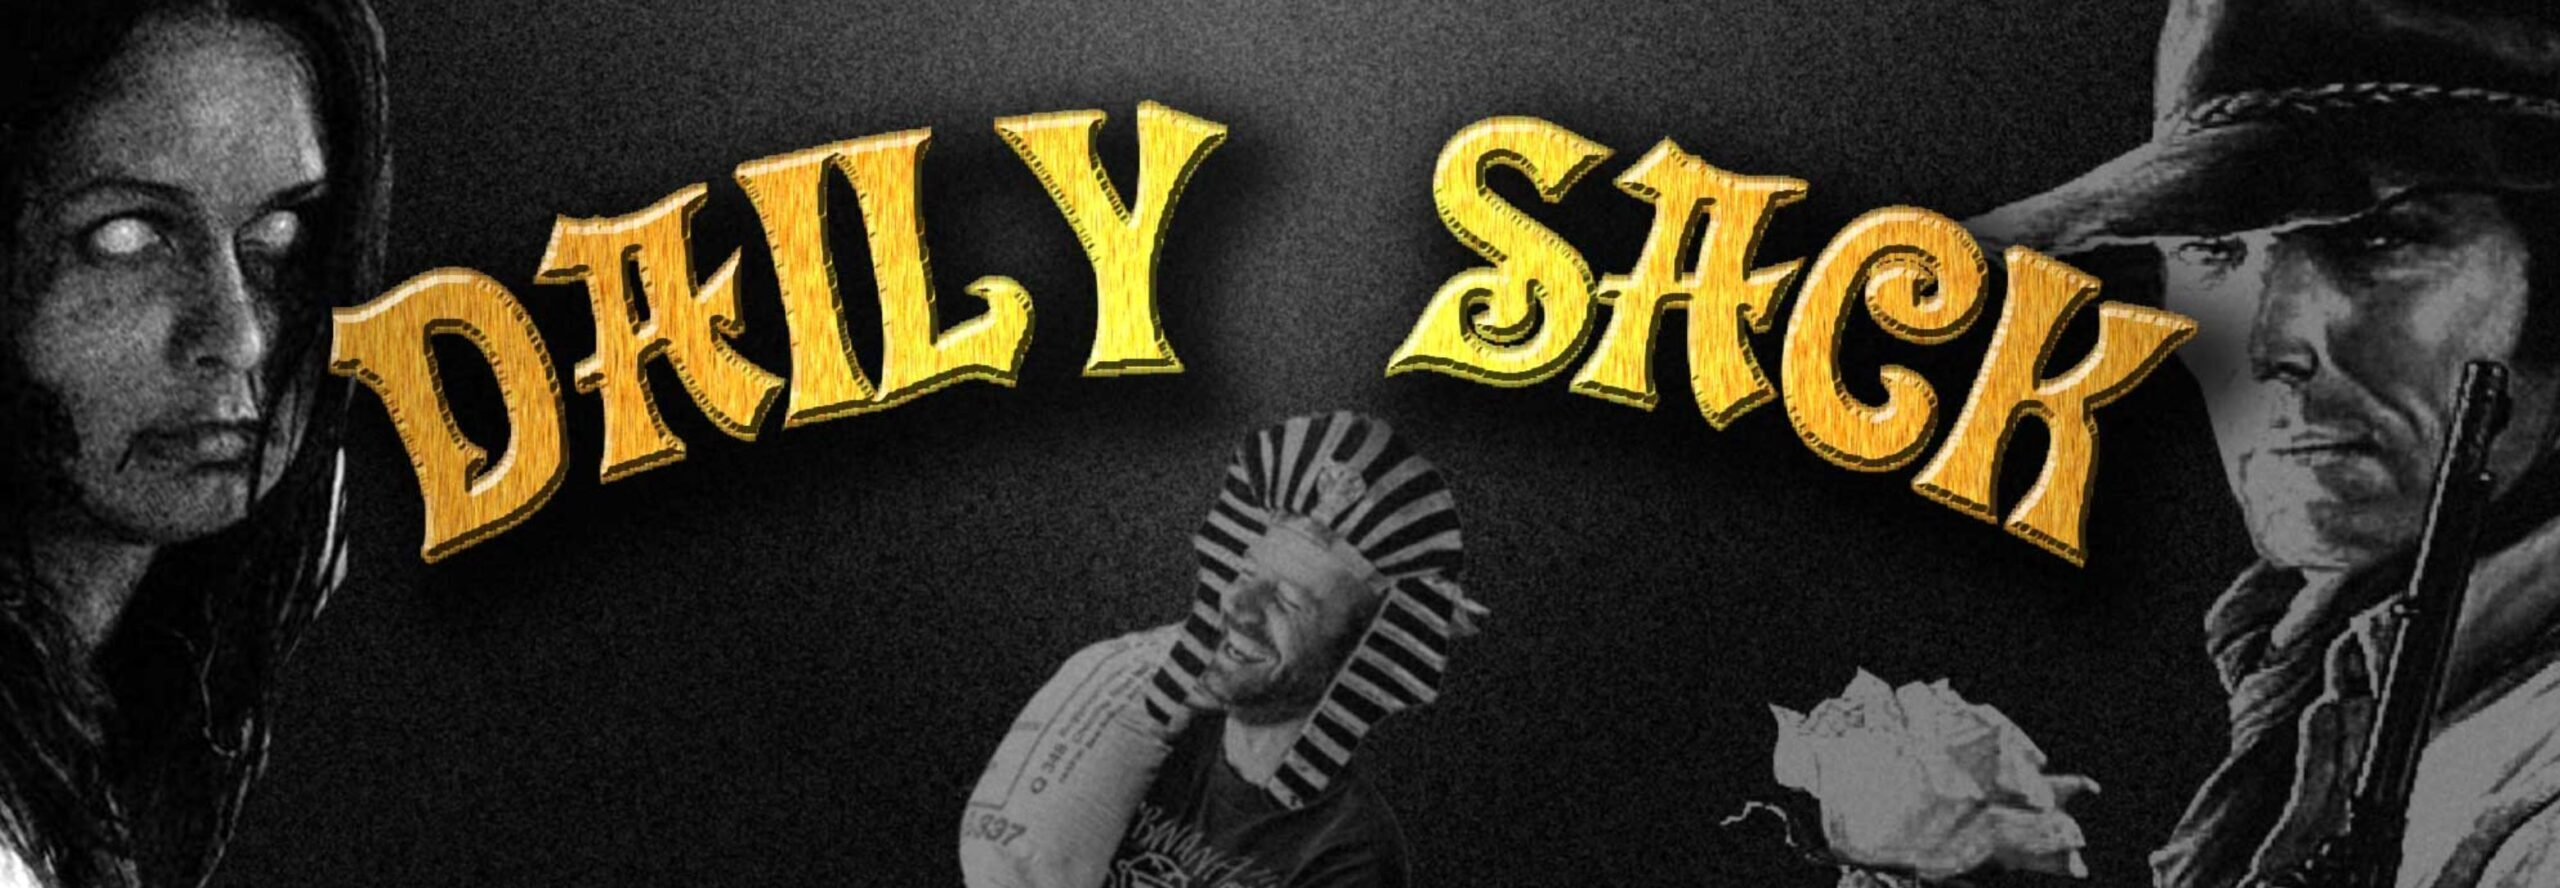 DailySack.com